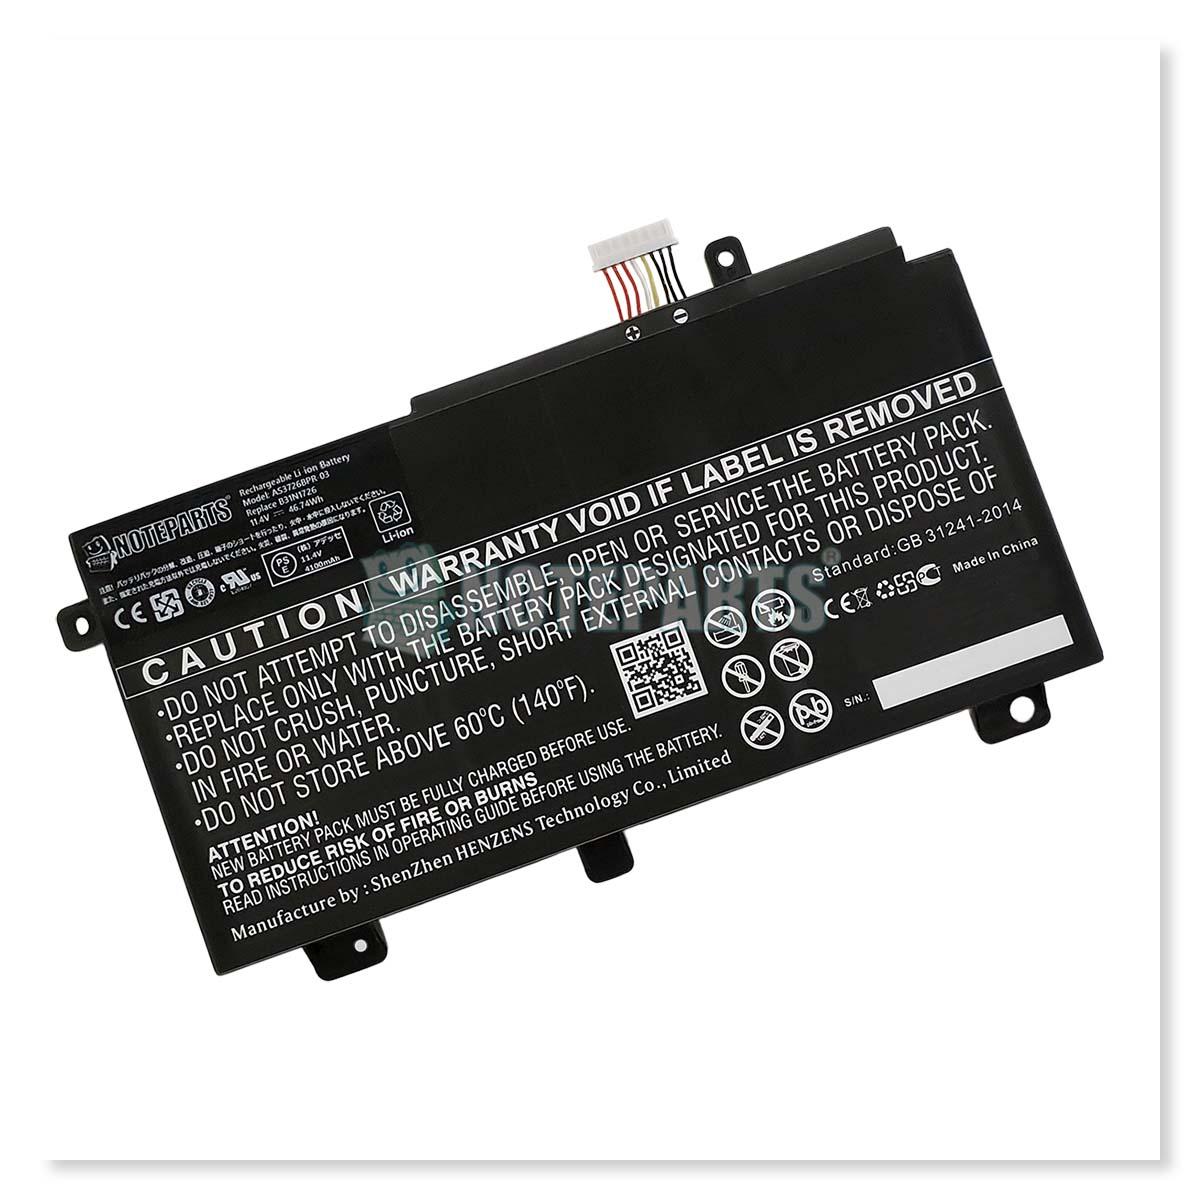 Asus エイスース ROG Strix G G531GD G531GT G15 G512LI TUF Gaming A15 FA506IH FX506LH FX504GD FX505DT バッテリー B31N1726対応